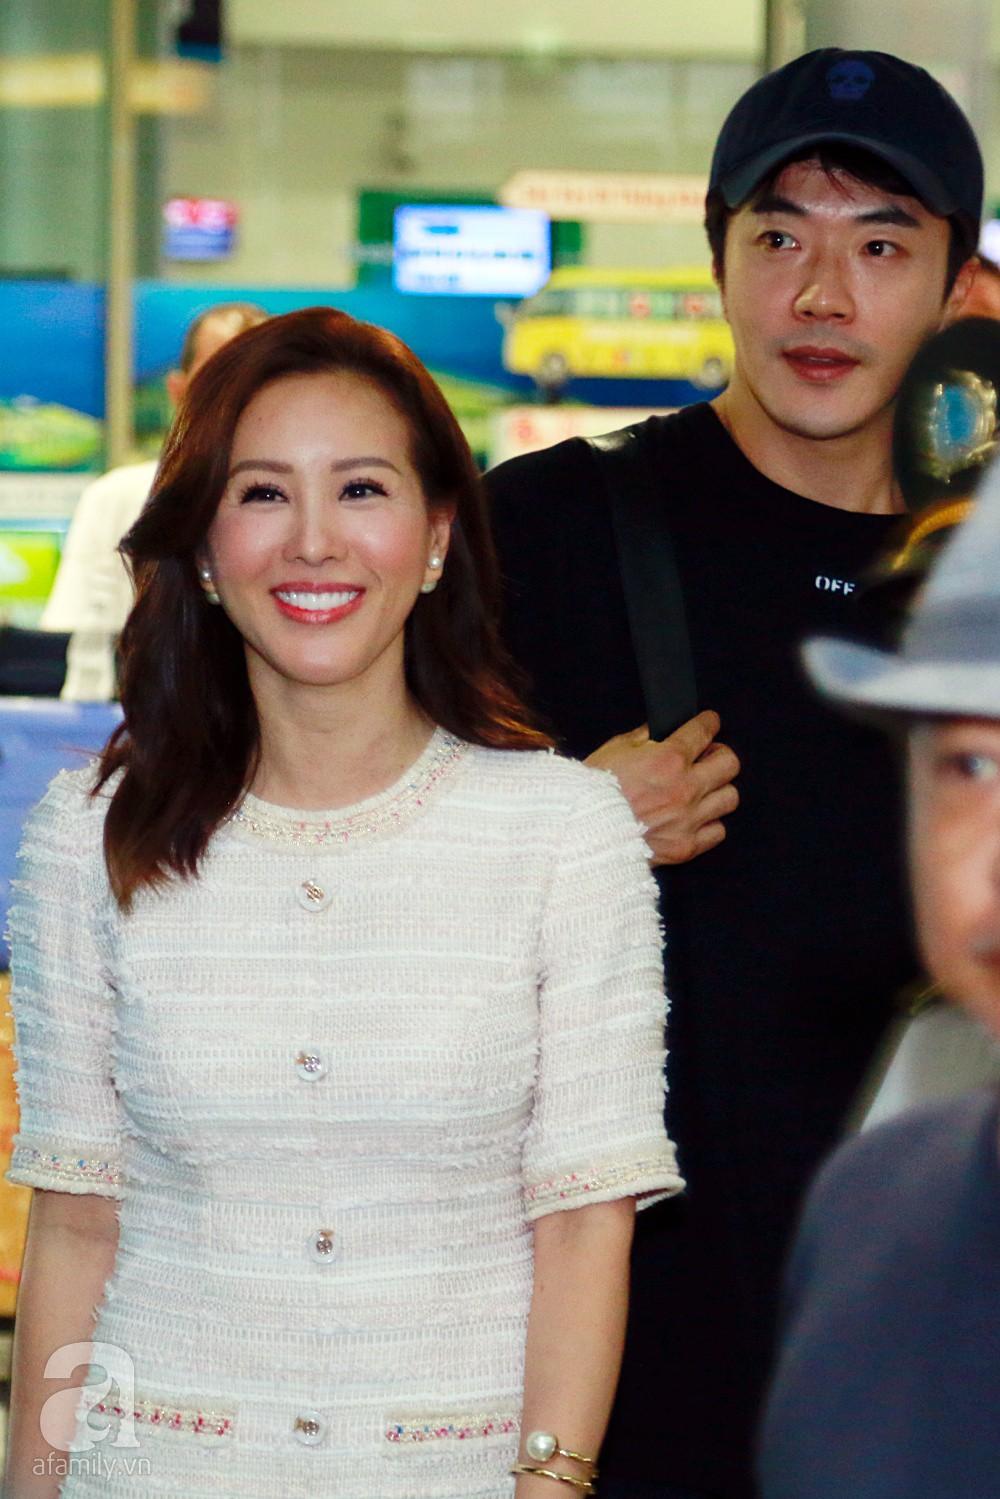 Chỉ diện quần jean áo phông đơn giản nhưng tài tử Kwon Sang Woo vẫn đẹp trai ngời ngời khi đáp chuyến bay muộn đến Việt Nam - Ảnh 5.